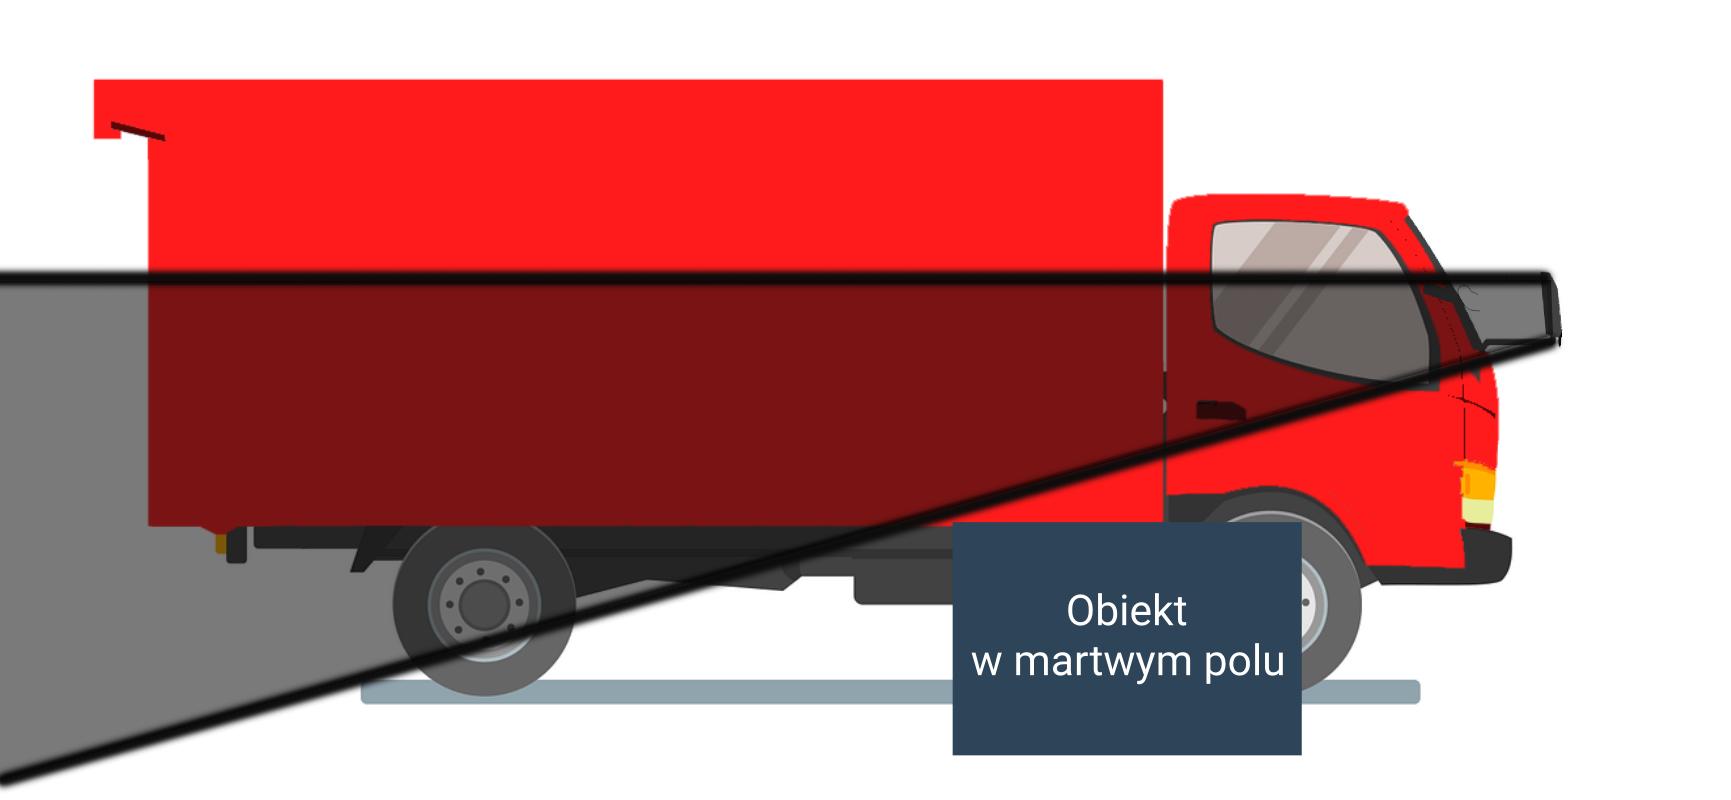 слепое пятно на стороне грузовика